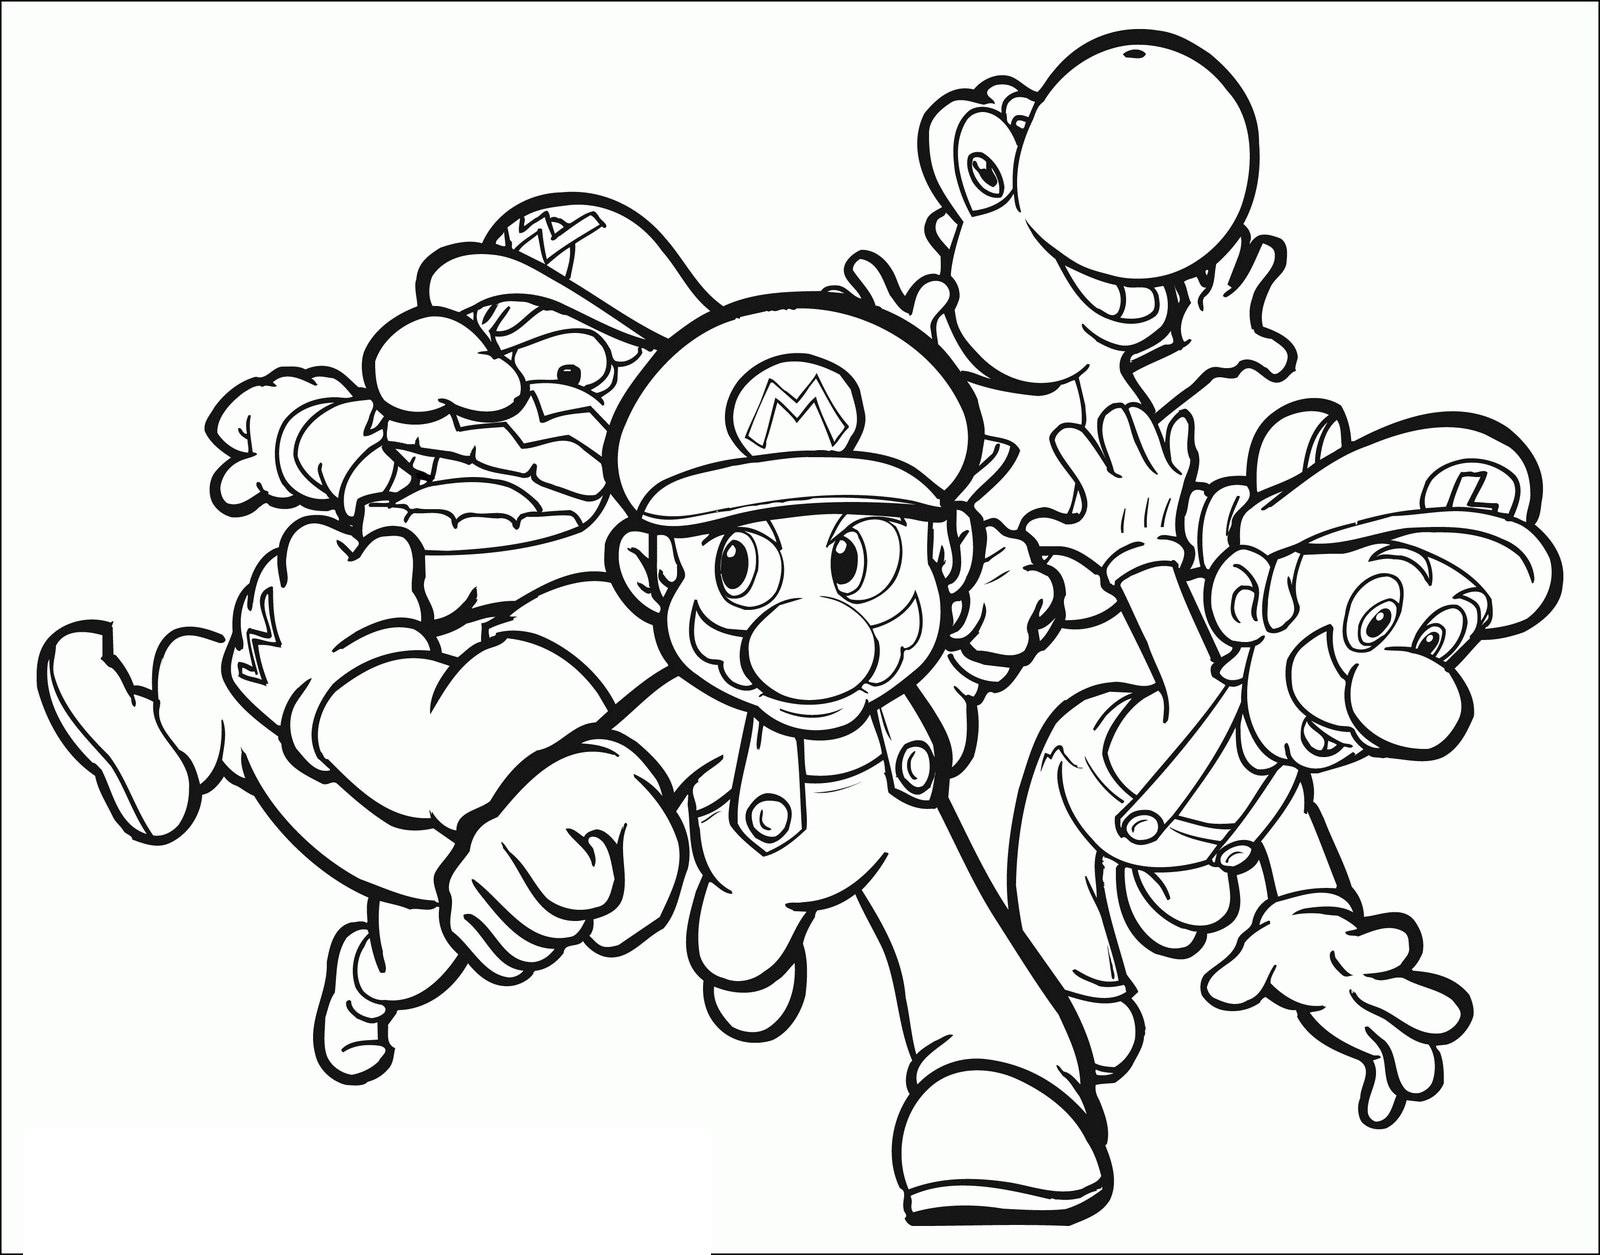 Coloriage Sonic Et Mario En Ligne Gratuit Imprimer A Aux intérieur Jeux De Coloriage Gratuit